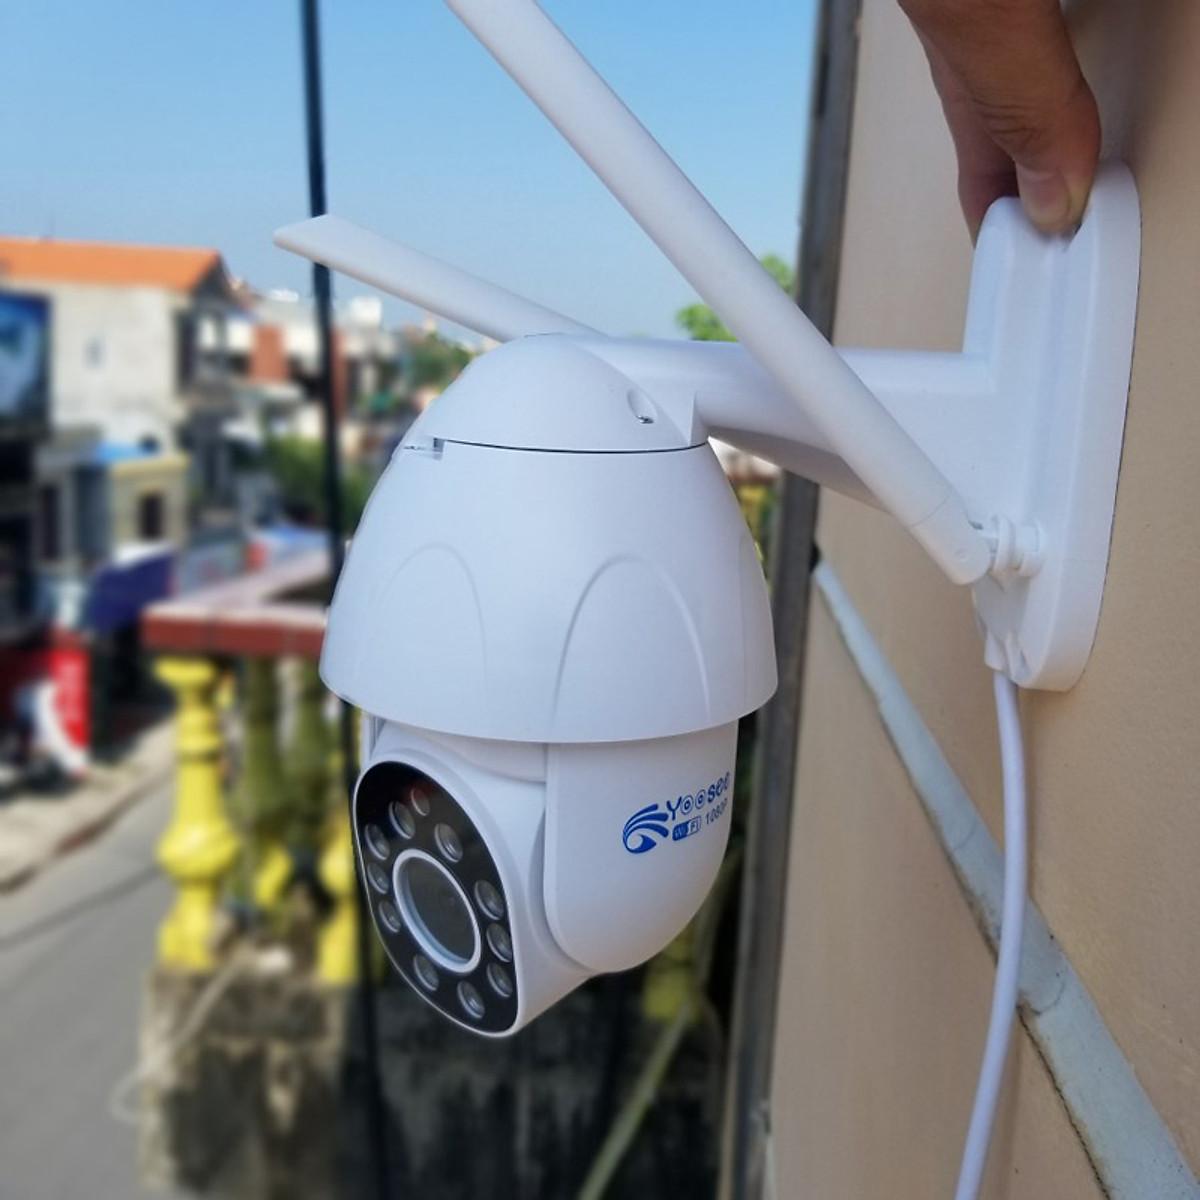 Camera IP không dây ngoài trời Yoosee PTZ 2 Râu FullHD 1080P đàm thoại 2 chiều, xoay 360 phát hiện chuyển động 10 đèn LED Flash và hồng ngoại - Phiên bản 2020 Hàng Nhập Khẩu